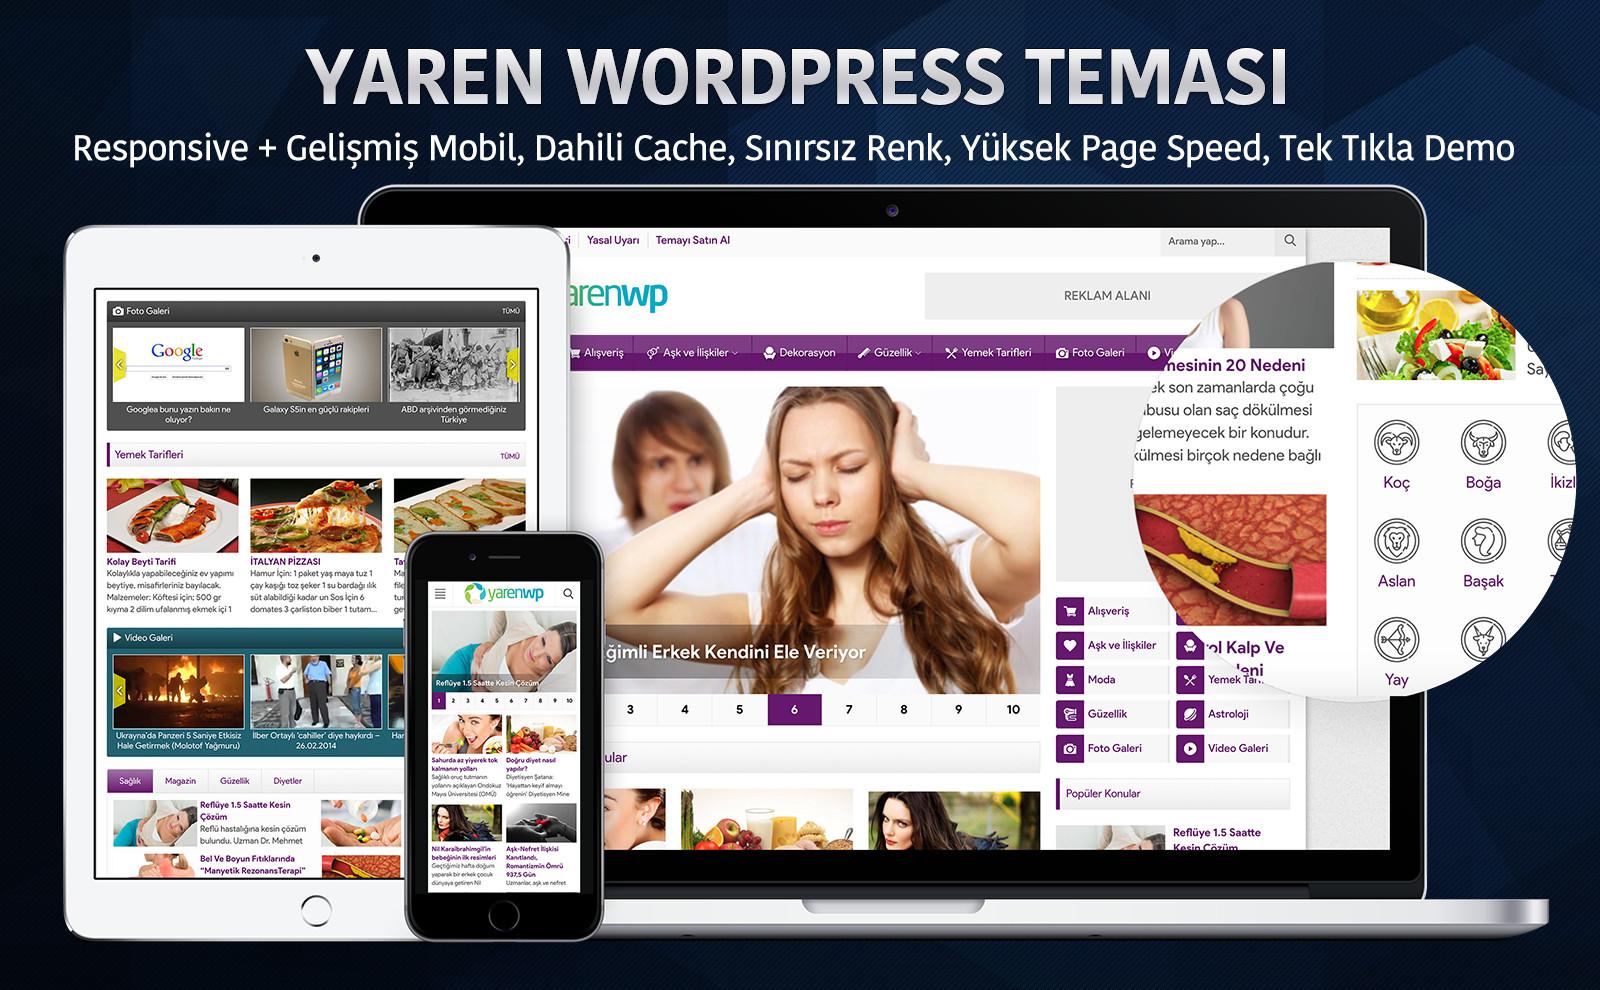 Yaren Wordpress Teması